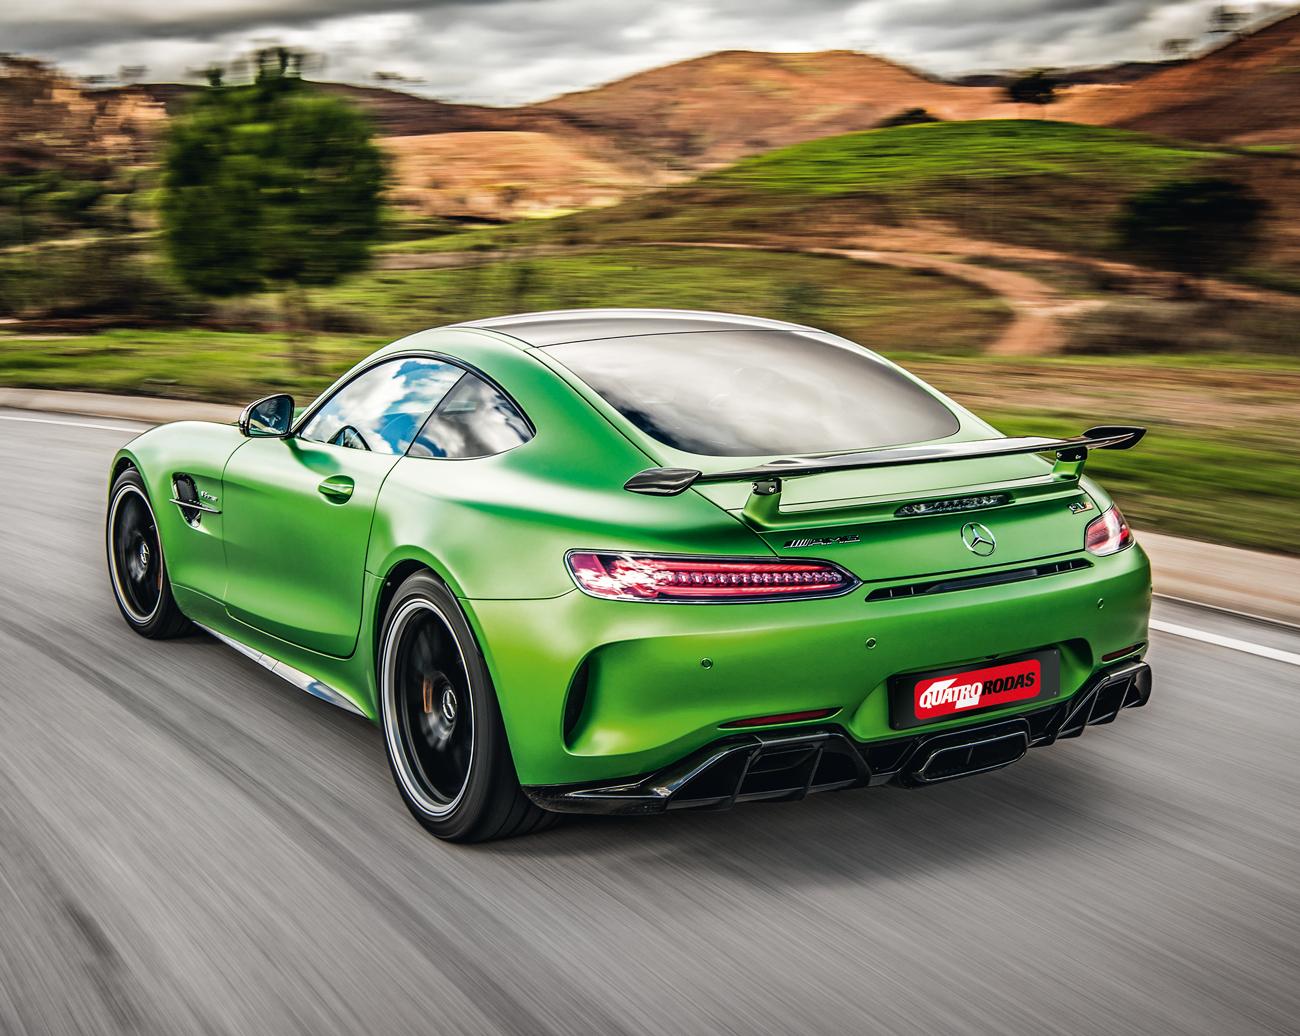 Elementos ativos na aerodinâmica mantêm o AMG GT R em seu devido lugar: no asfalto